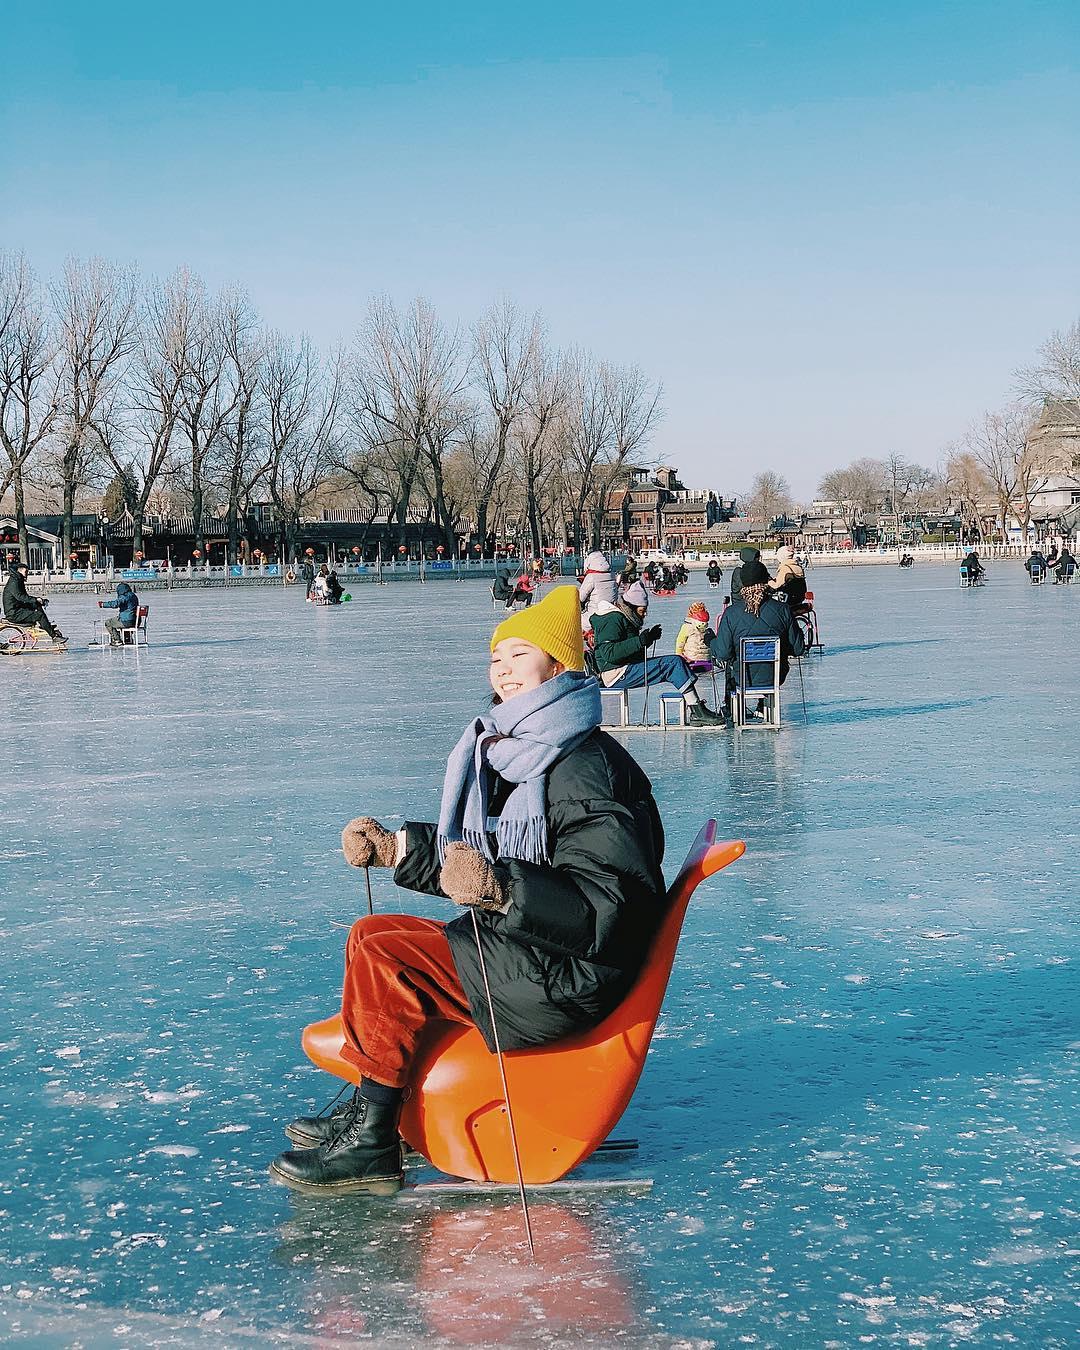 Mùa đông đặc trưng phương Bắc ở Bắc kinh